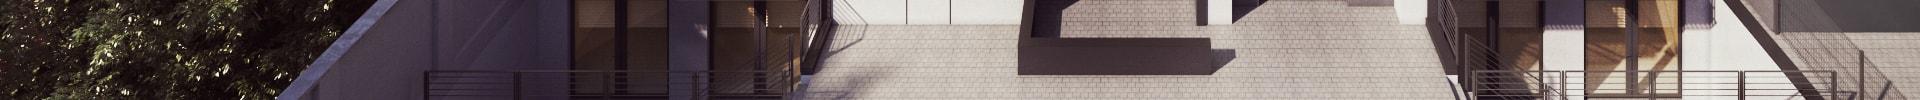 ps22 07 - Strona główna